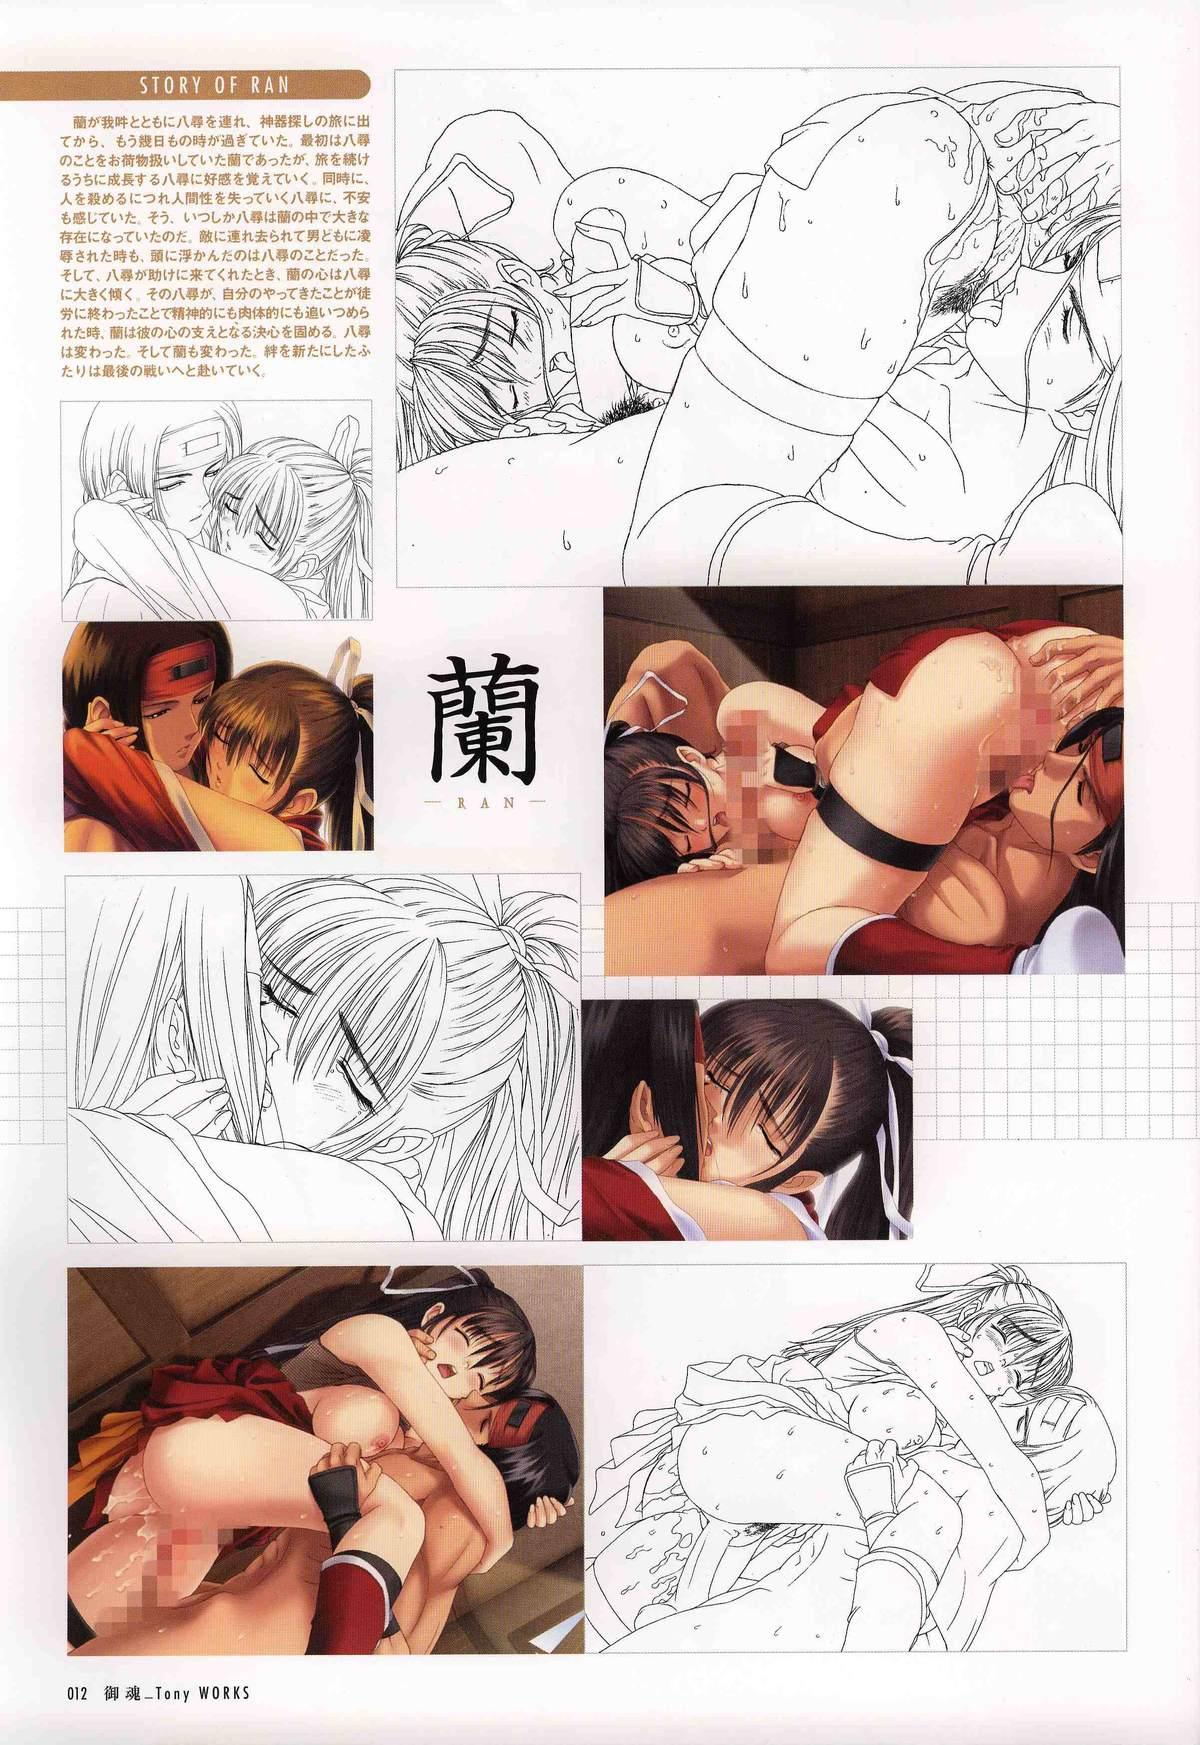 御魂~忍~×ARCANA~光と闇のエクスタシス~二作品原画 16